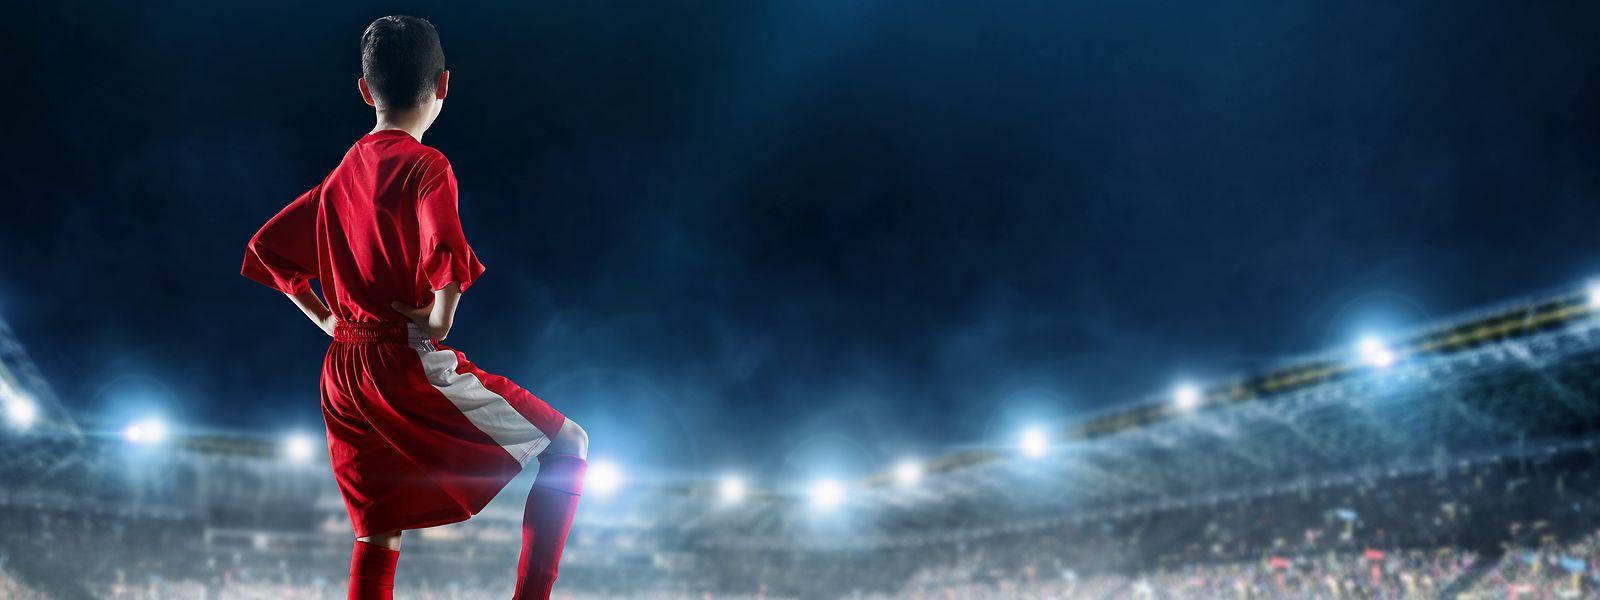 Zahlreiche Talente verfolgen das Ziel, später in großen Stadien zu spielen.